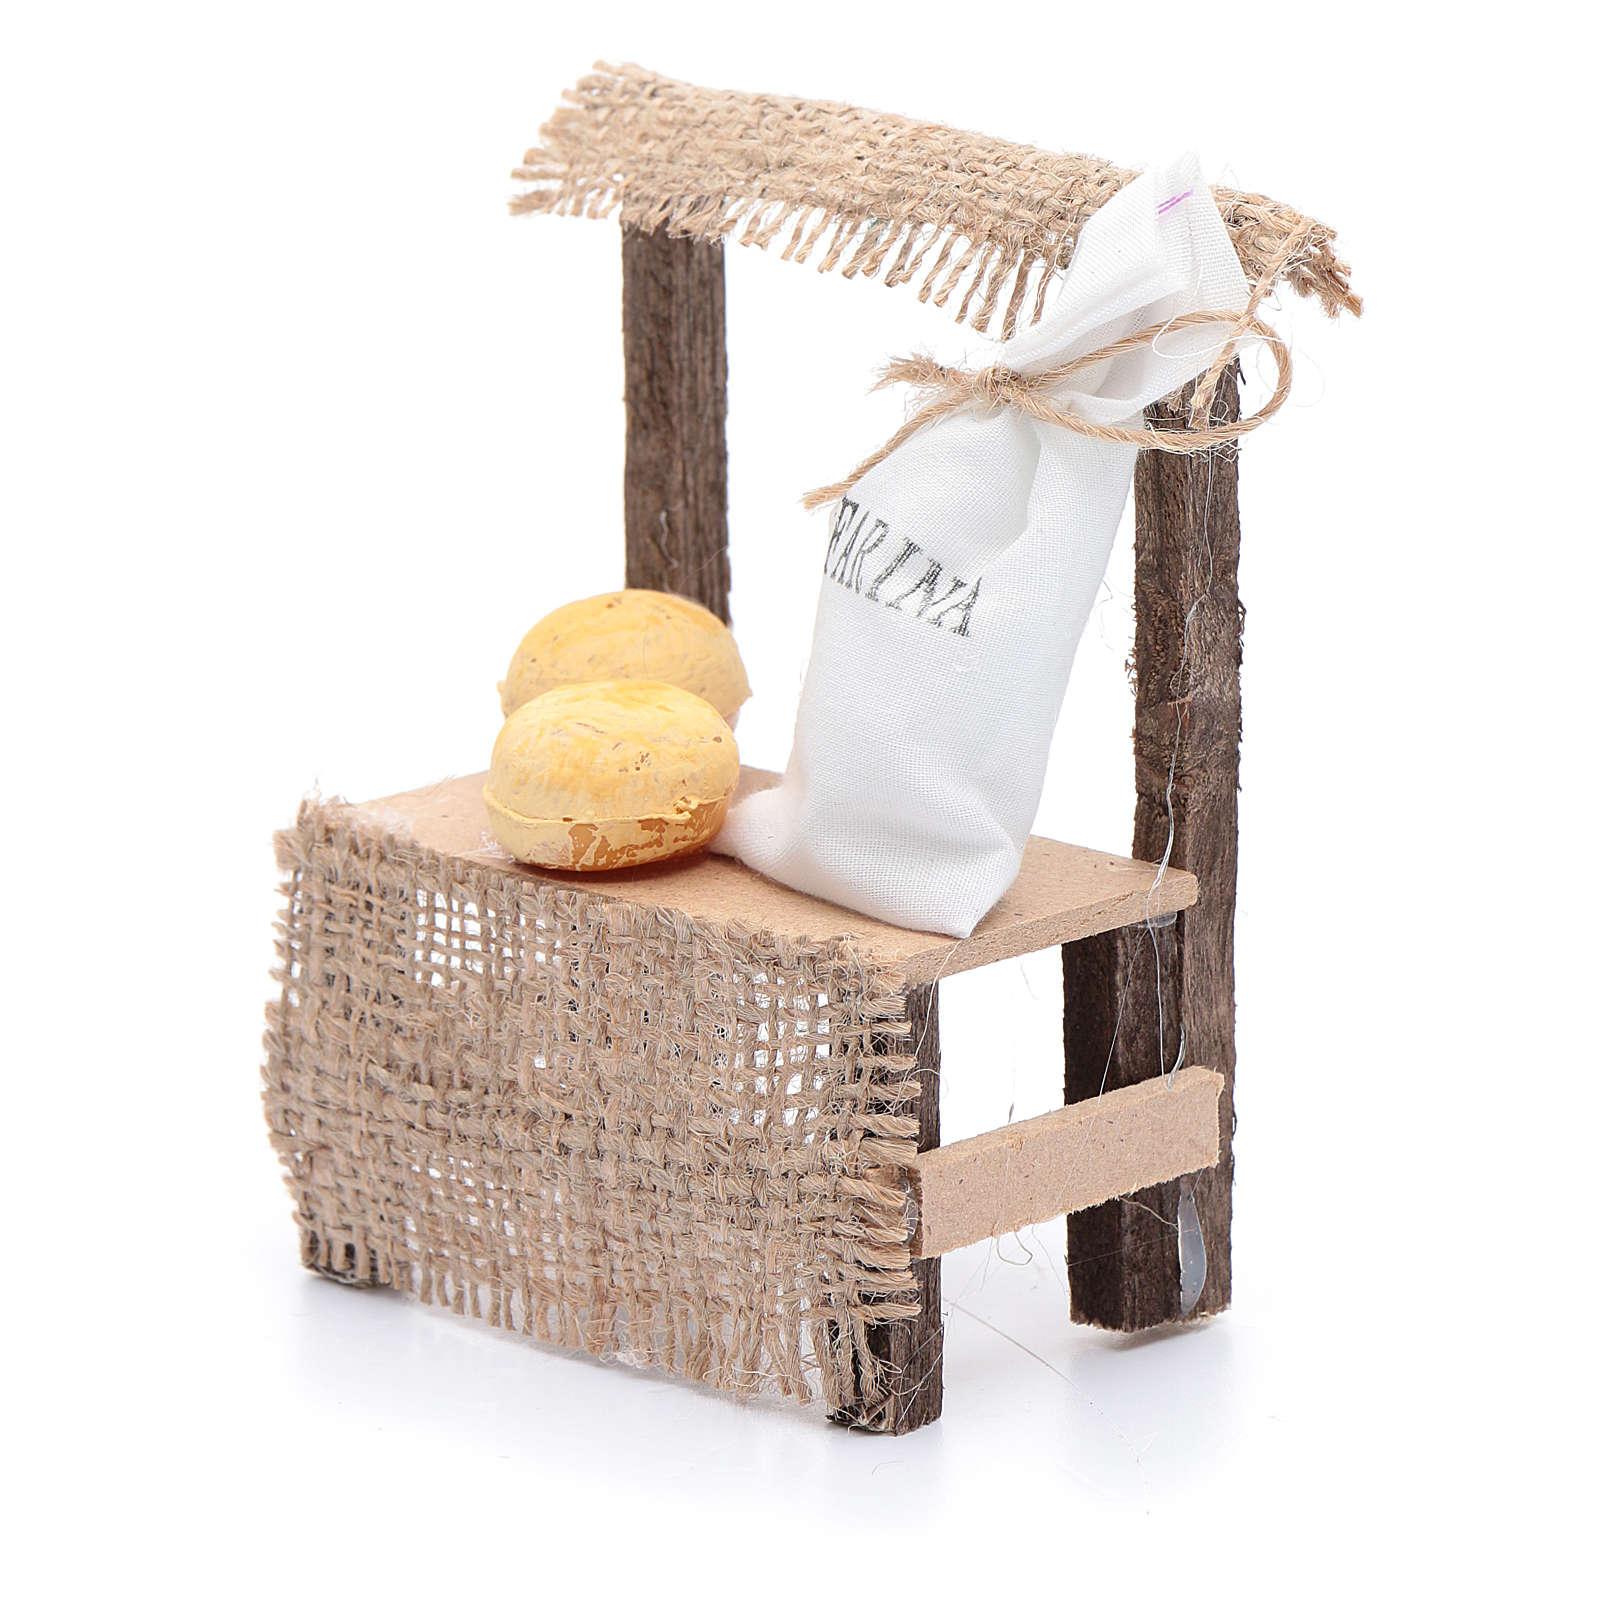 Banchetto in legno sacco di farina 10x5x5 cm accessori presepe 4